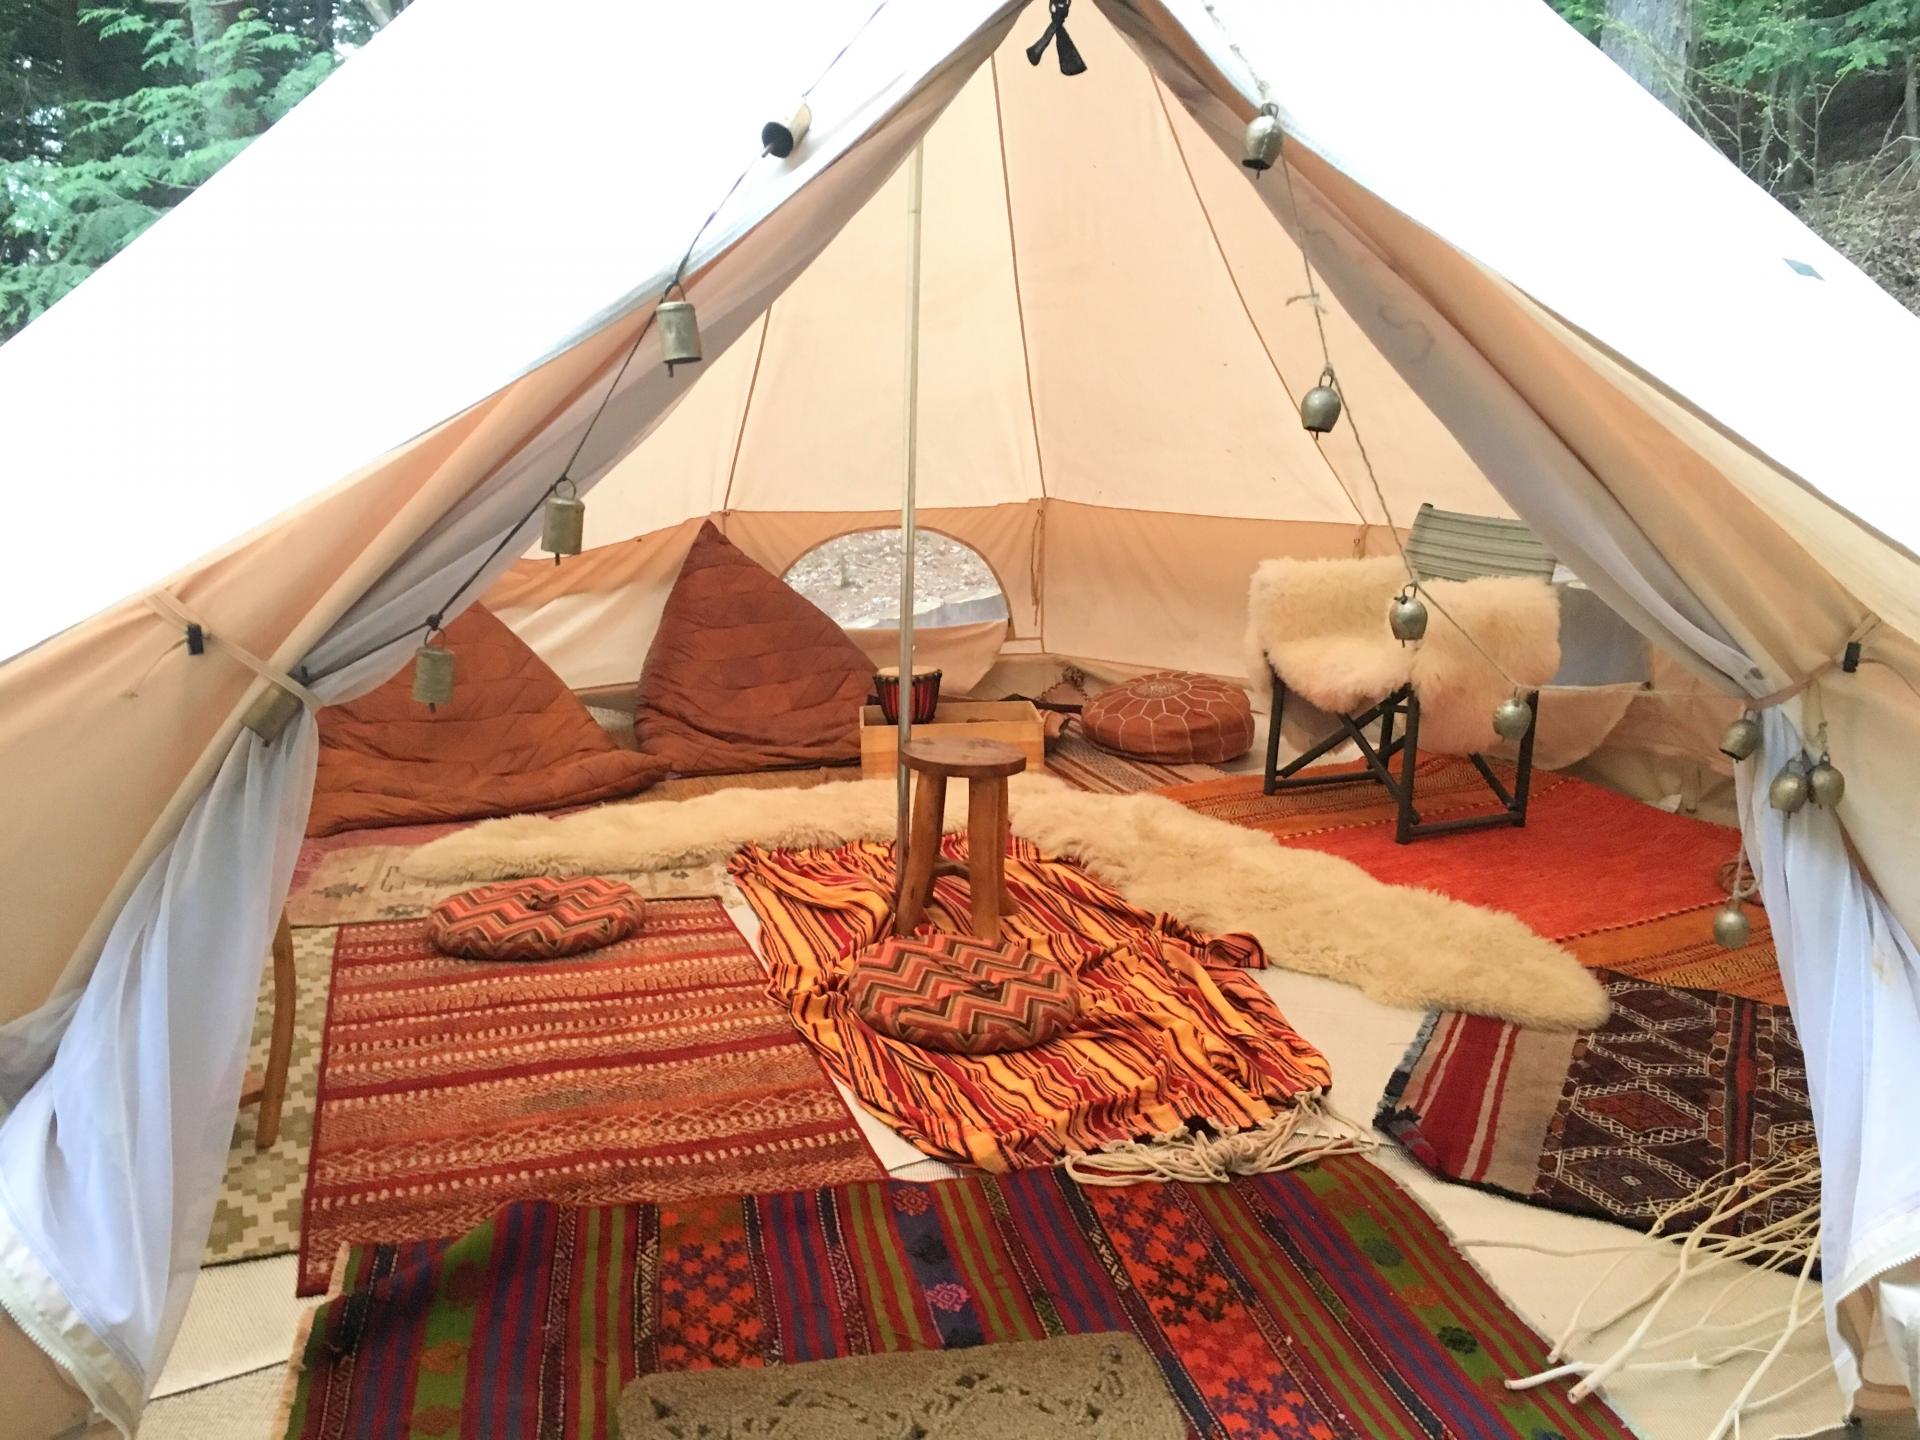 初心者のためのキャンプ場の選び方とサイトの種類や用語の解説です。